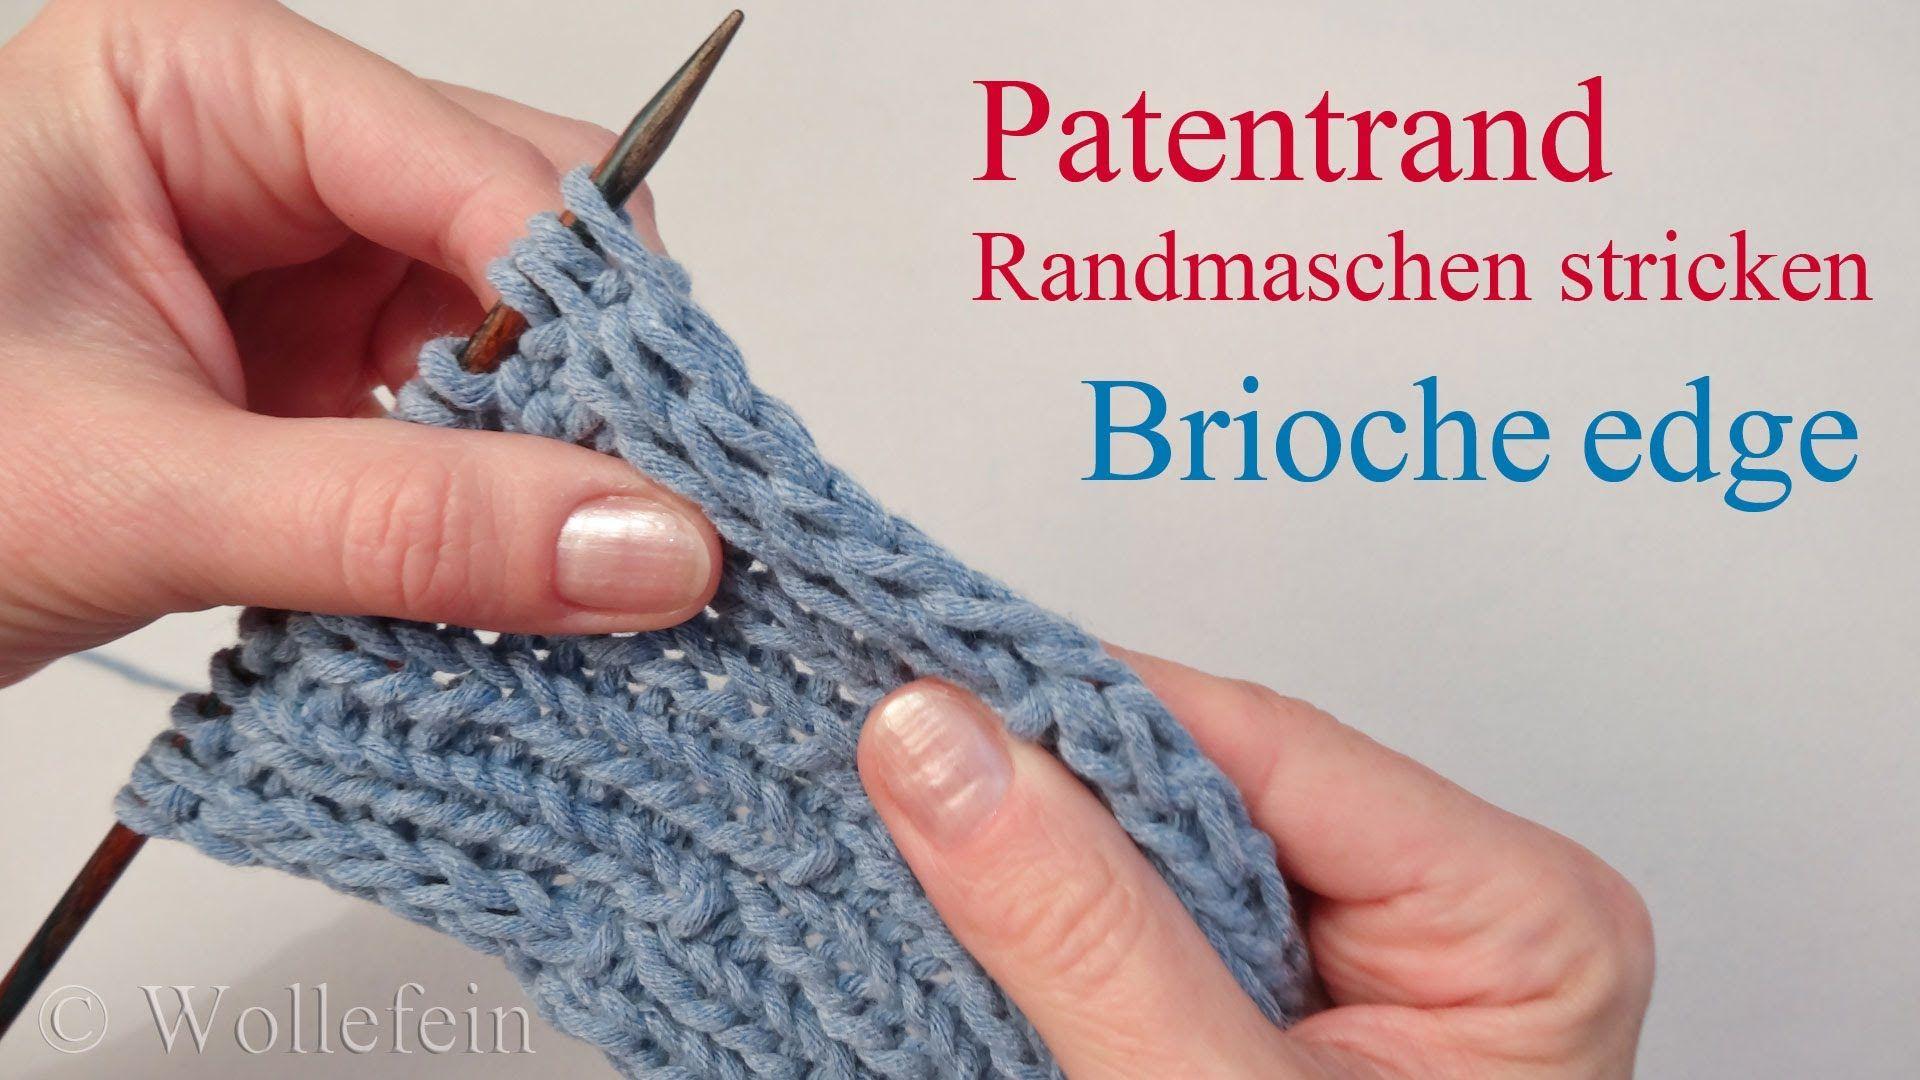 Randmaschen Stricken Elastischer Patentrand Für Schals Und